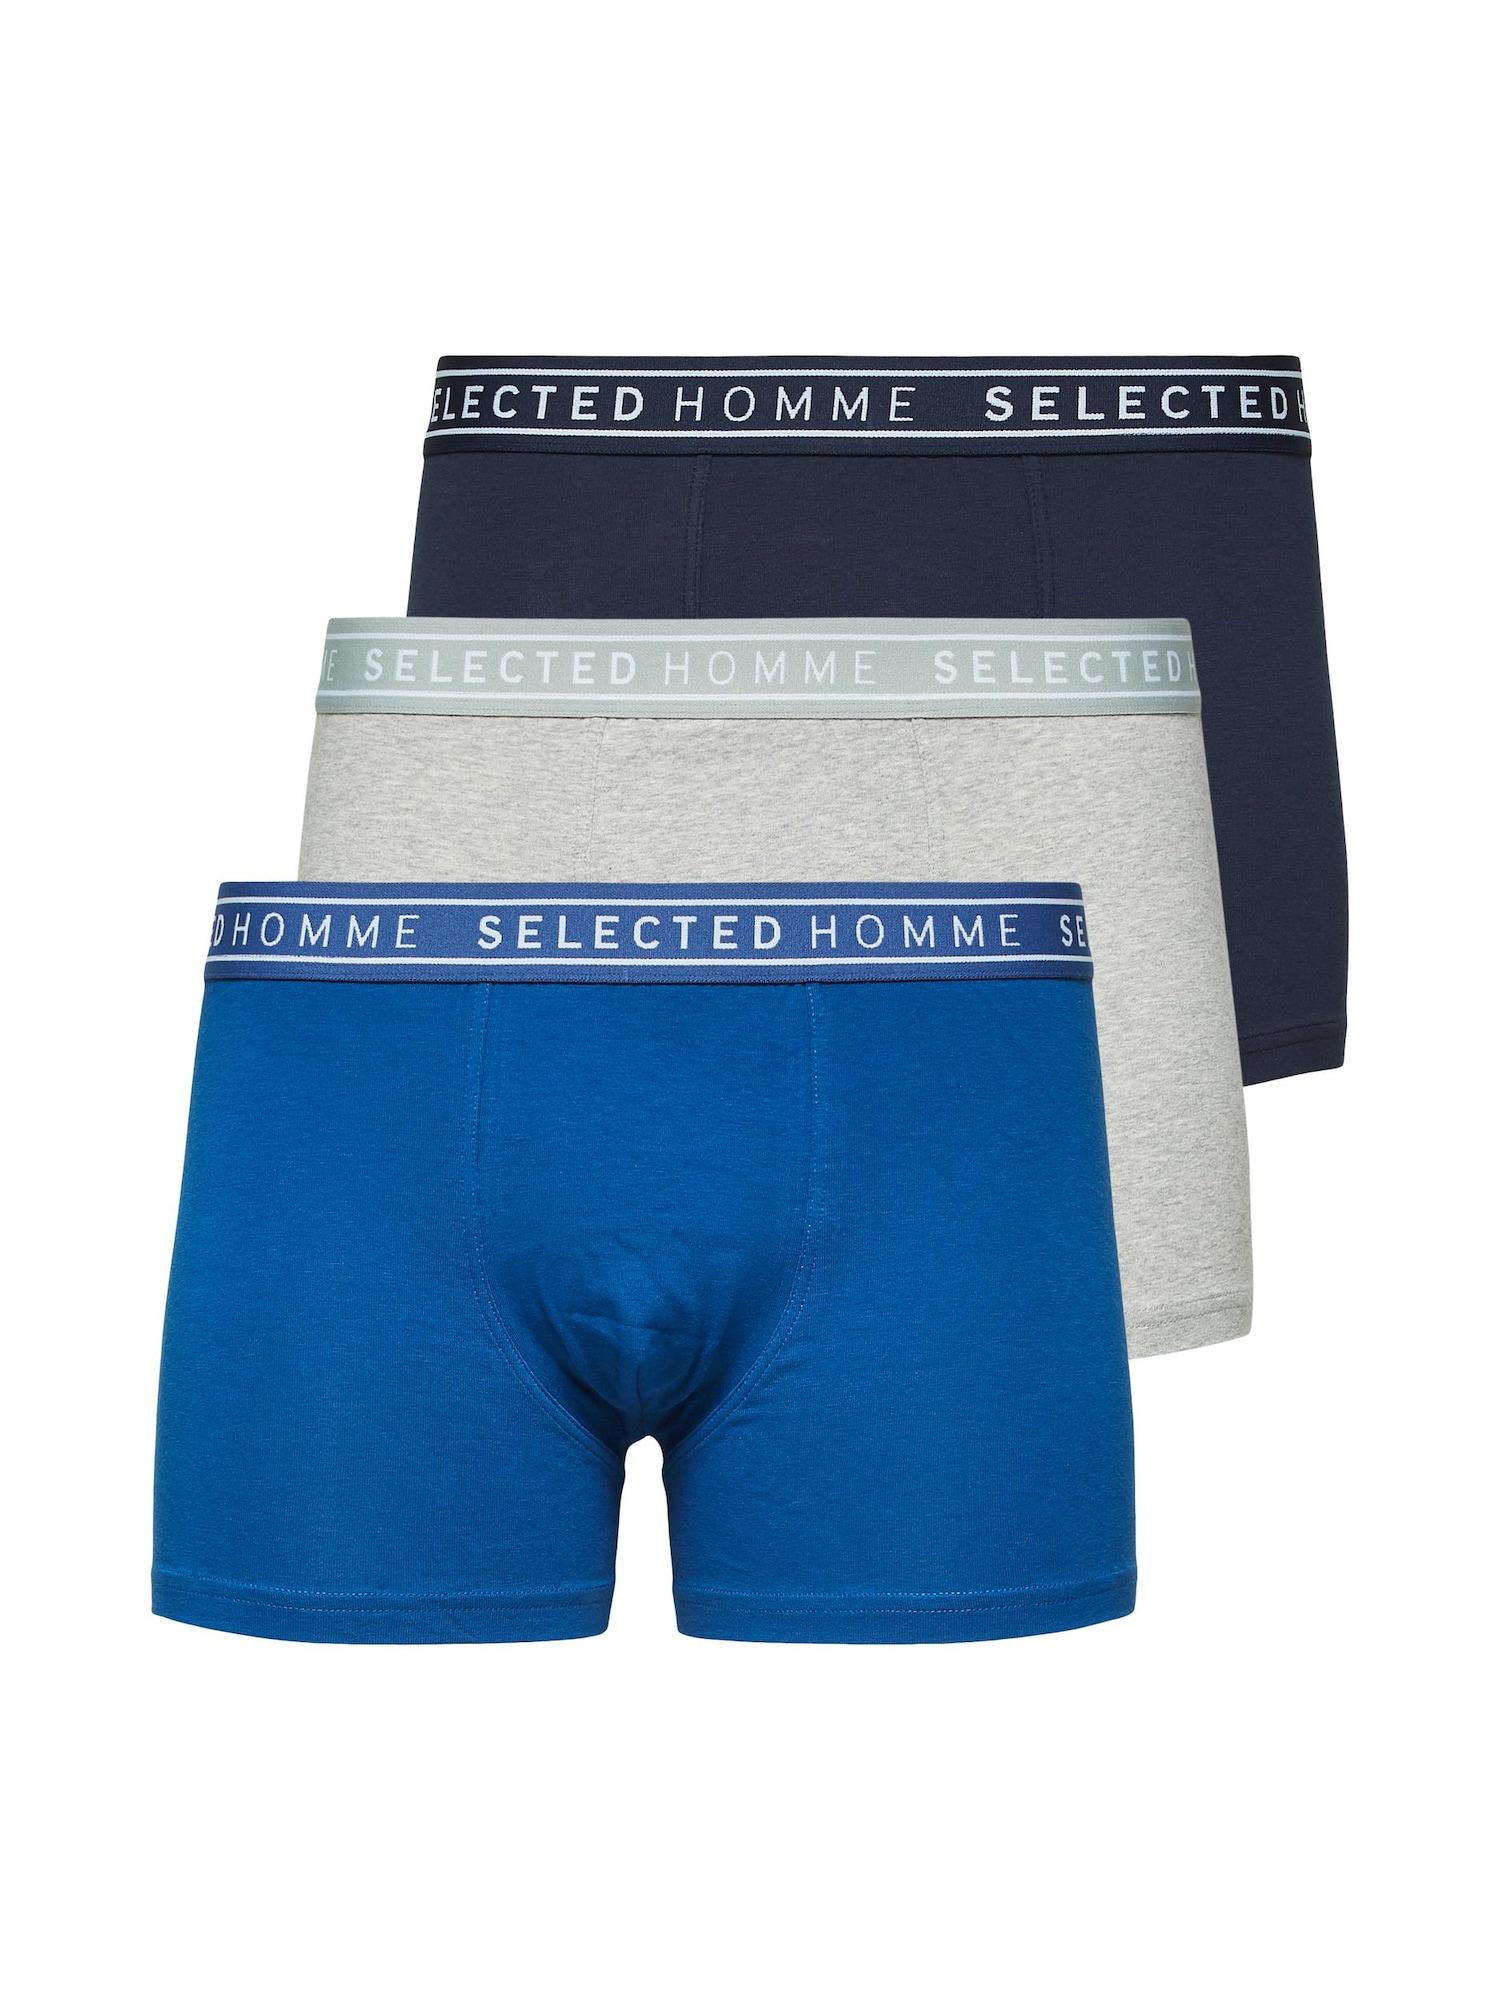 SELECTED HOMME Boxer trumpikės dangaus žydra / margai pilka / tamsiai mėlyna jūros spalva